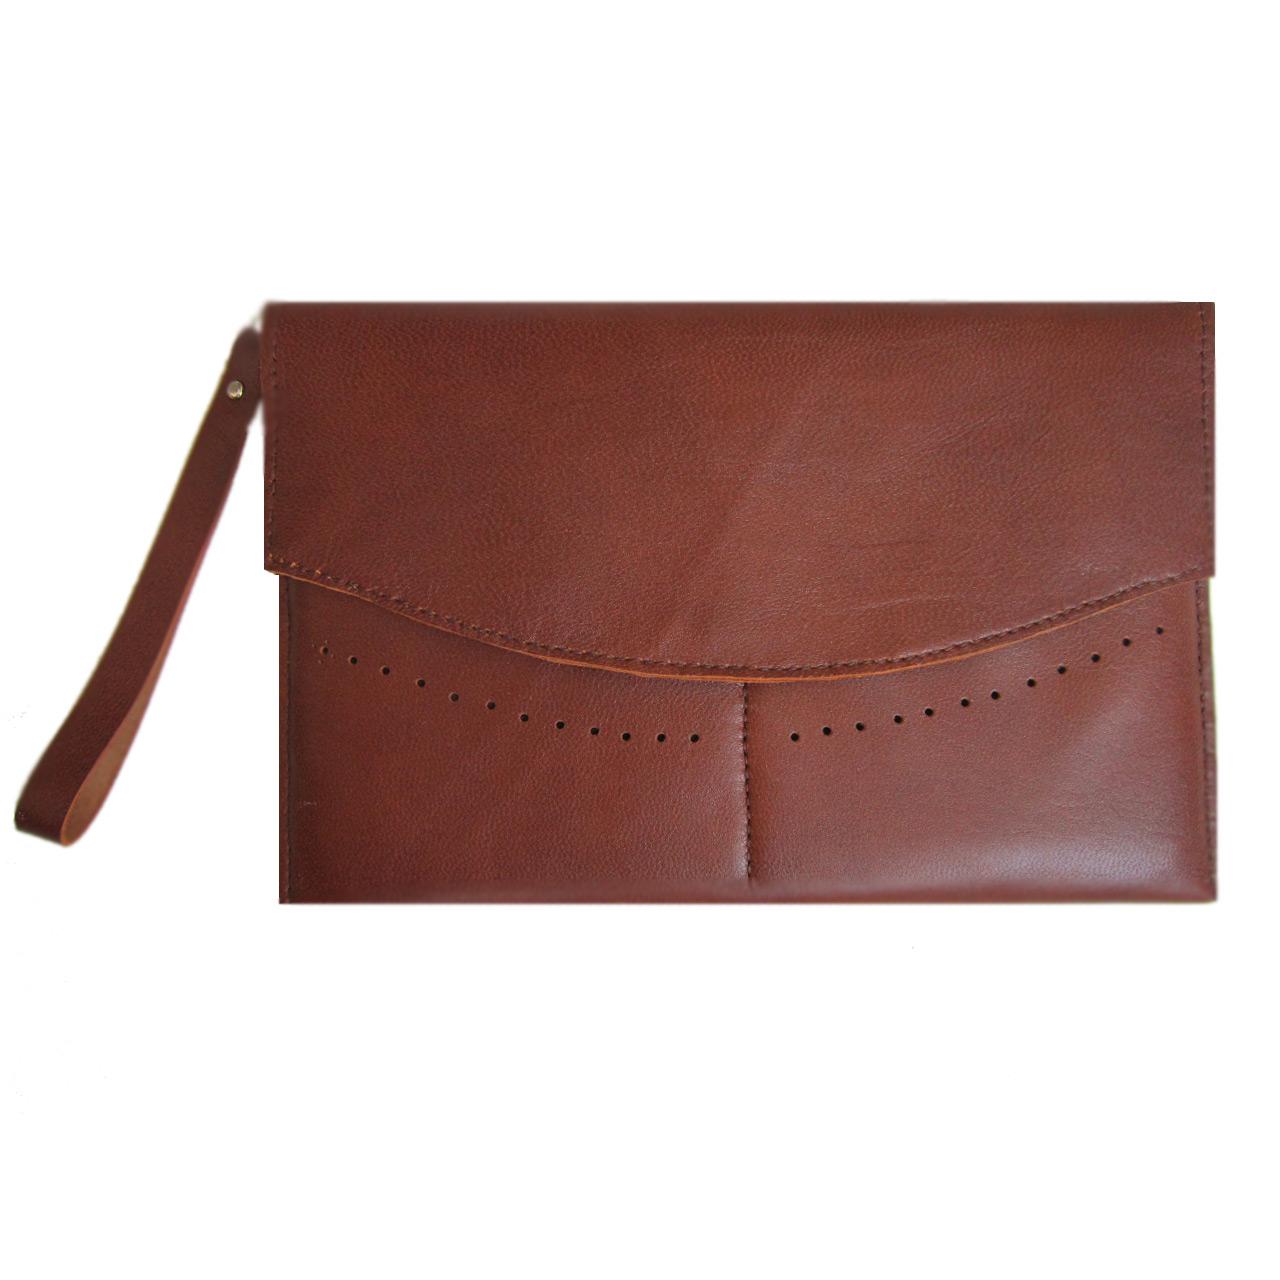 کیف دستی چرم طبیعی مژی مدل TA